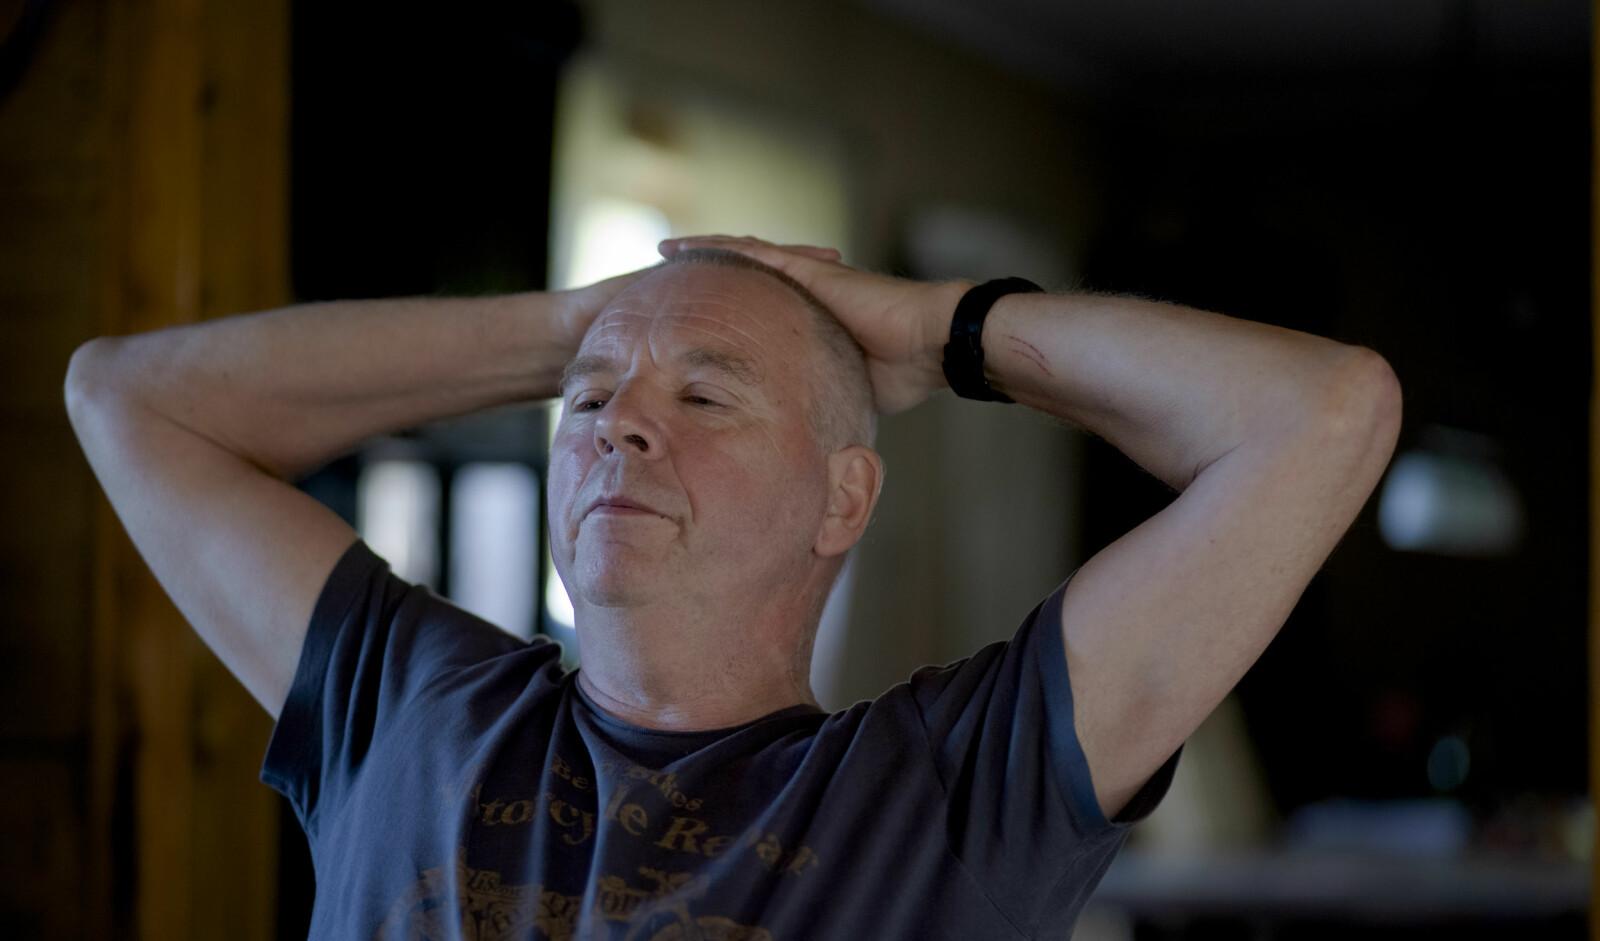 — Du kan ta det heilt med ro. Det finst inga klimakrise, meiner professor ved Universitetet i Bergen, Olav Martin Kvalheim.